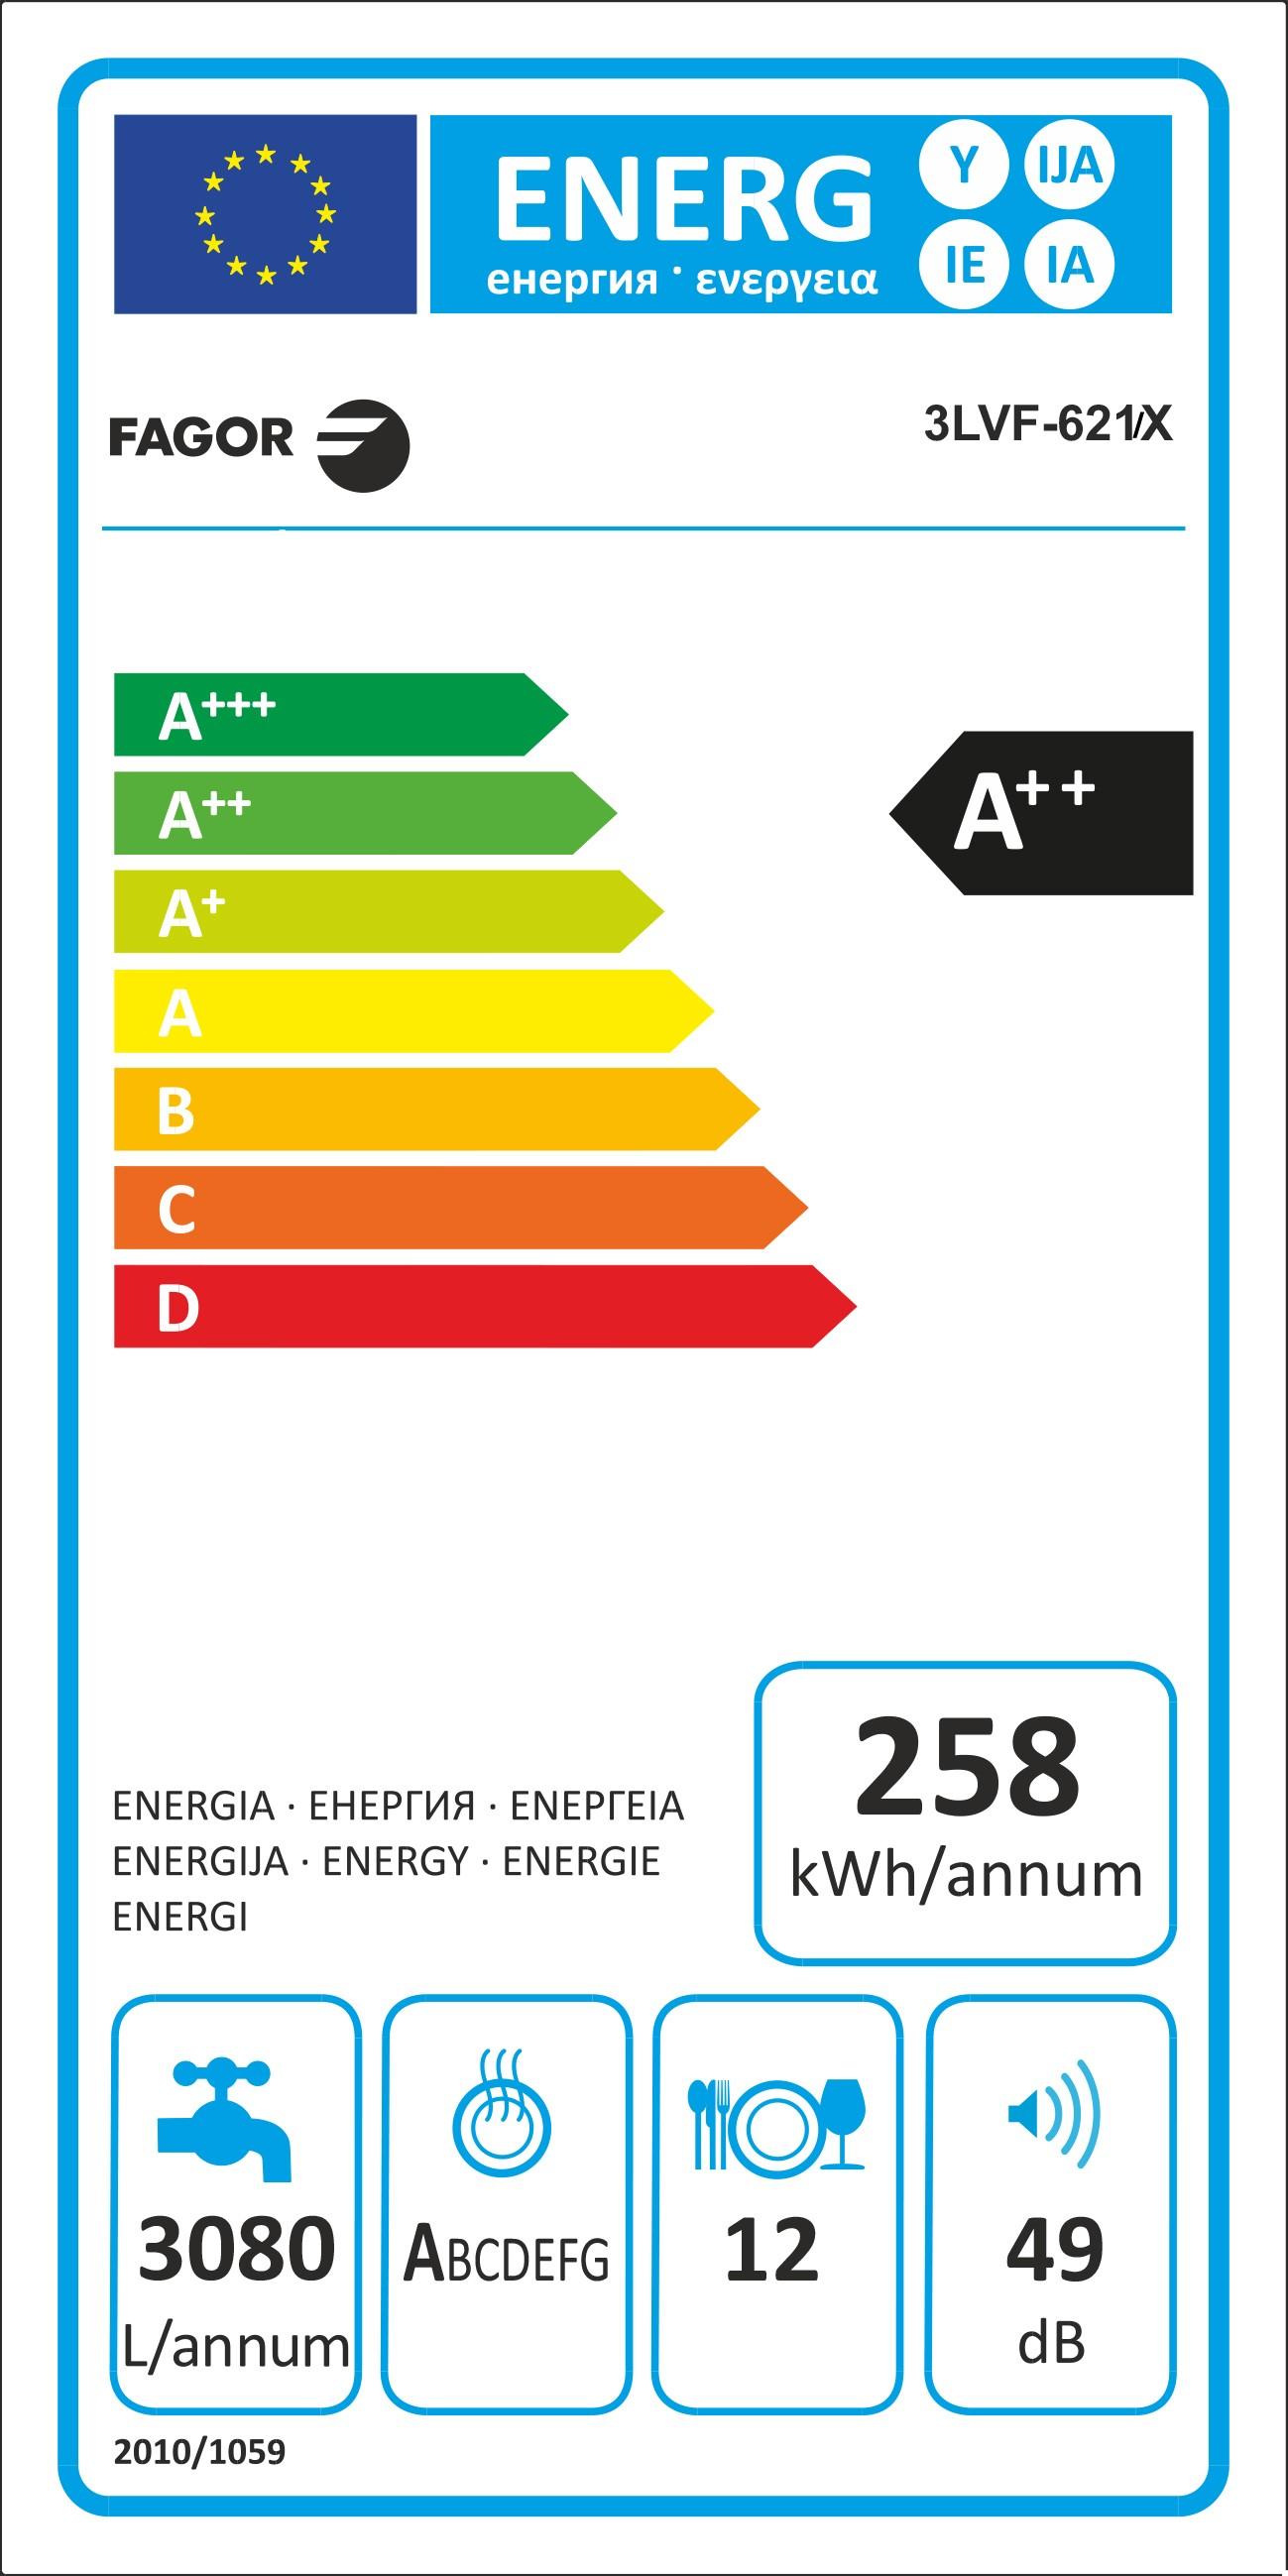 Etiqueta de Eficiencia Energética - 3LVF-621.1